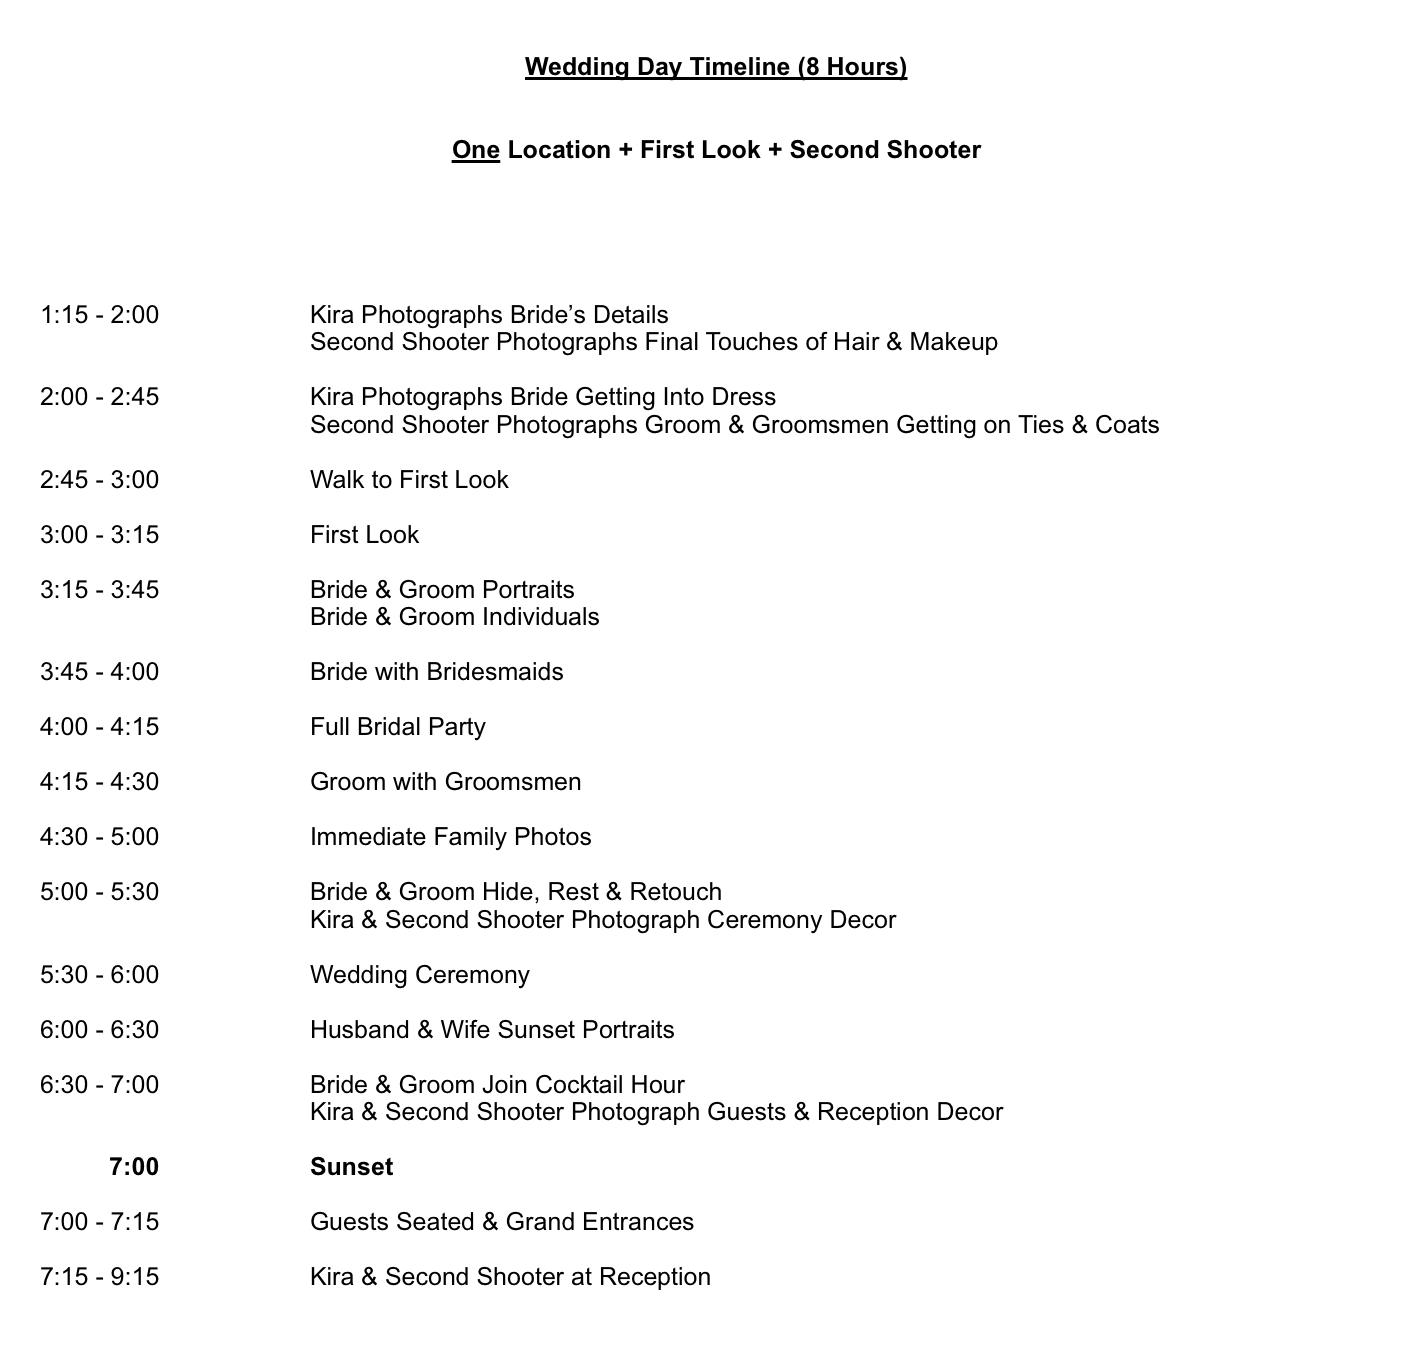 sample timeline for 8 hour wedding